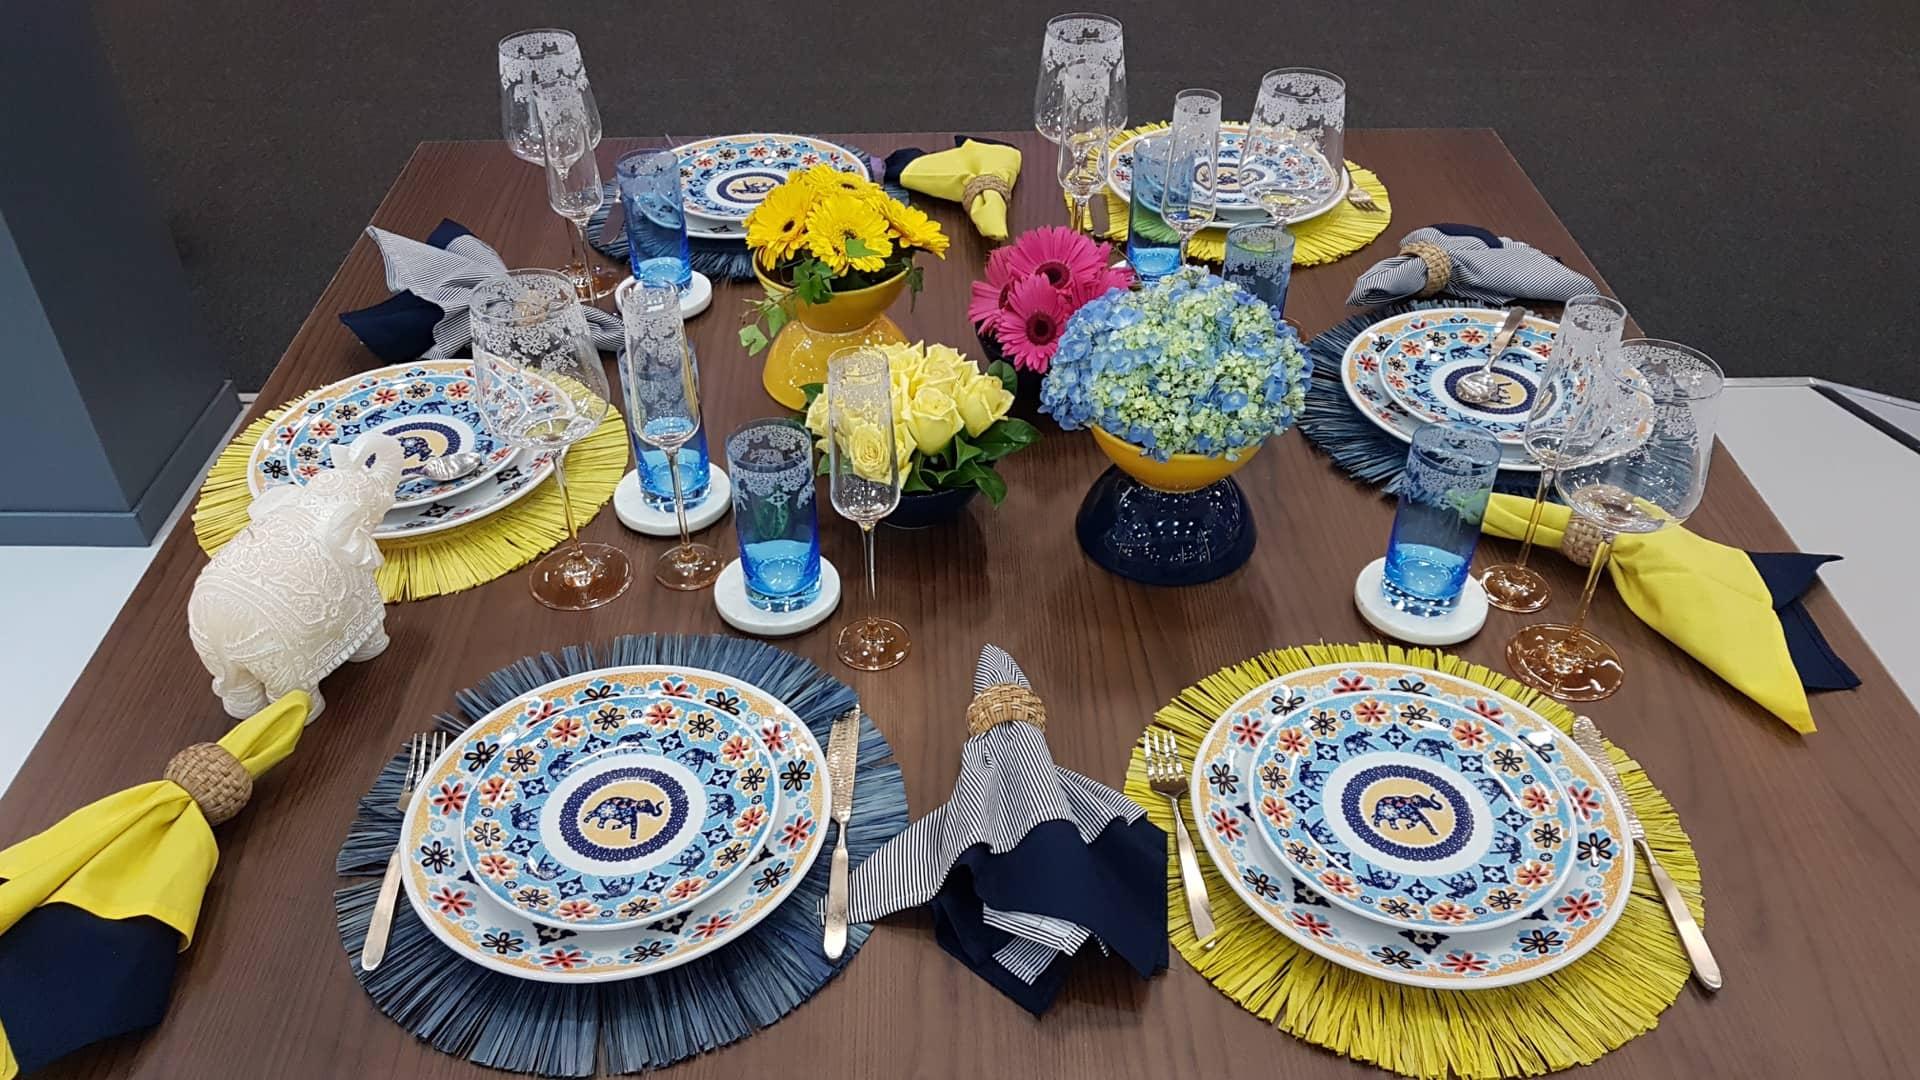 Imagem: As delicadas estampas do jogo de jantar Coup Shanti, da Oxford Porcelanas, agora estão também nas taças de cristal da Oxford Alumina Crystal. Foto: Divulgação